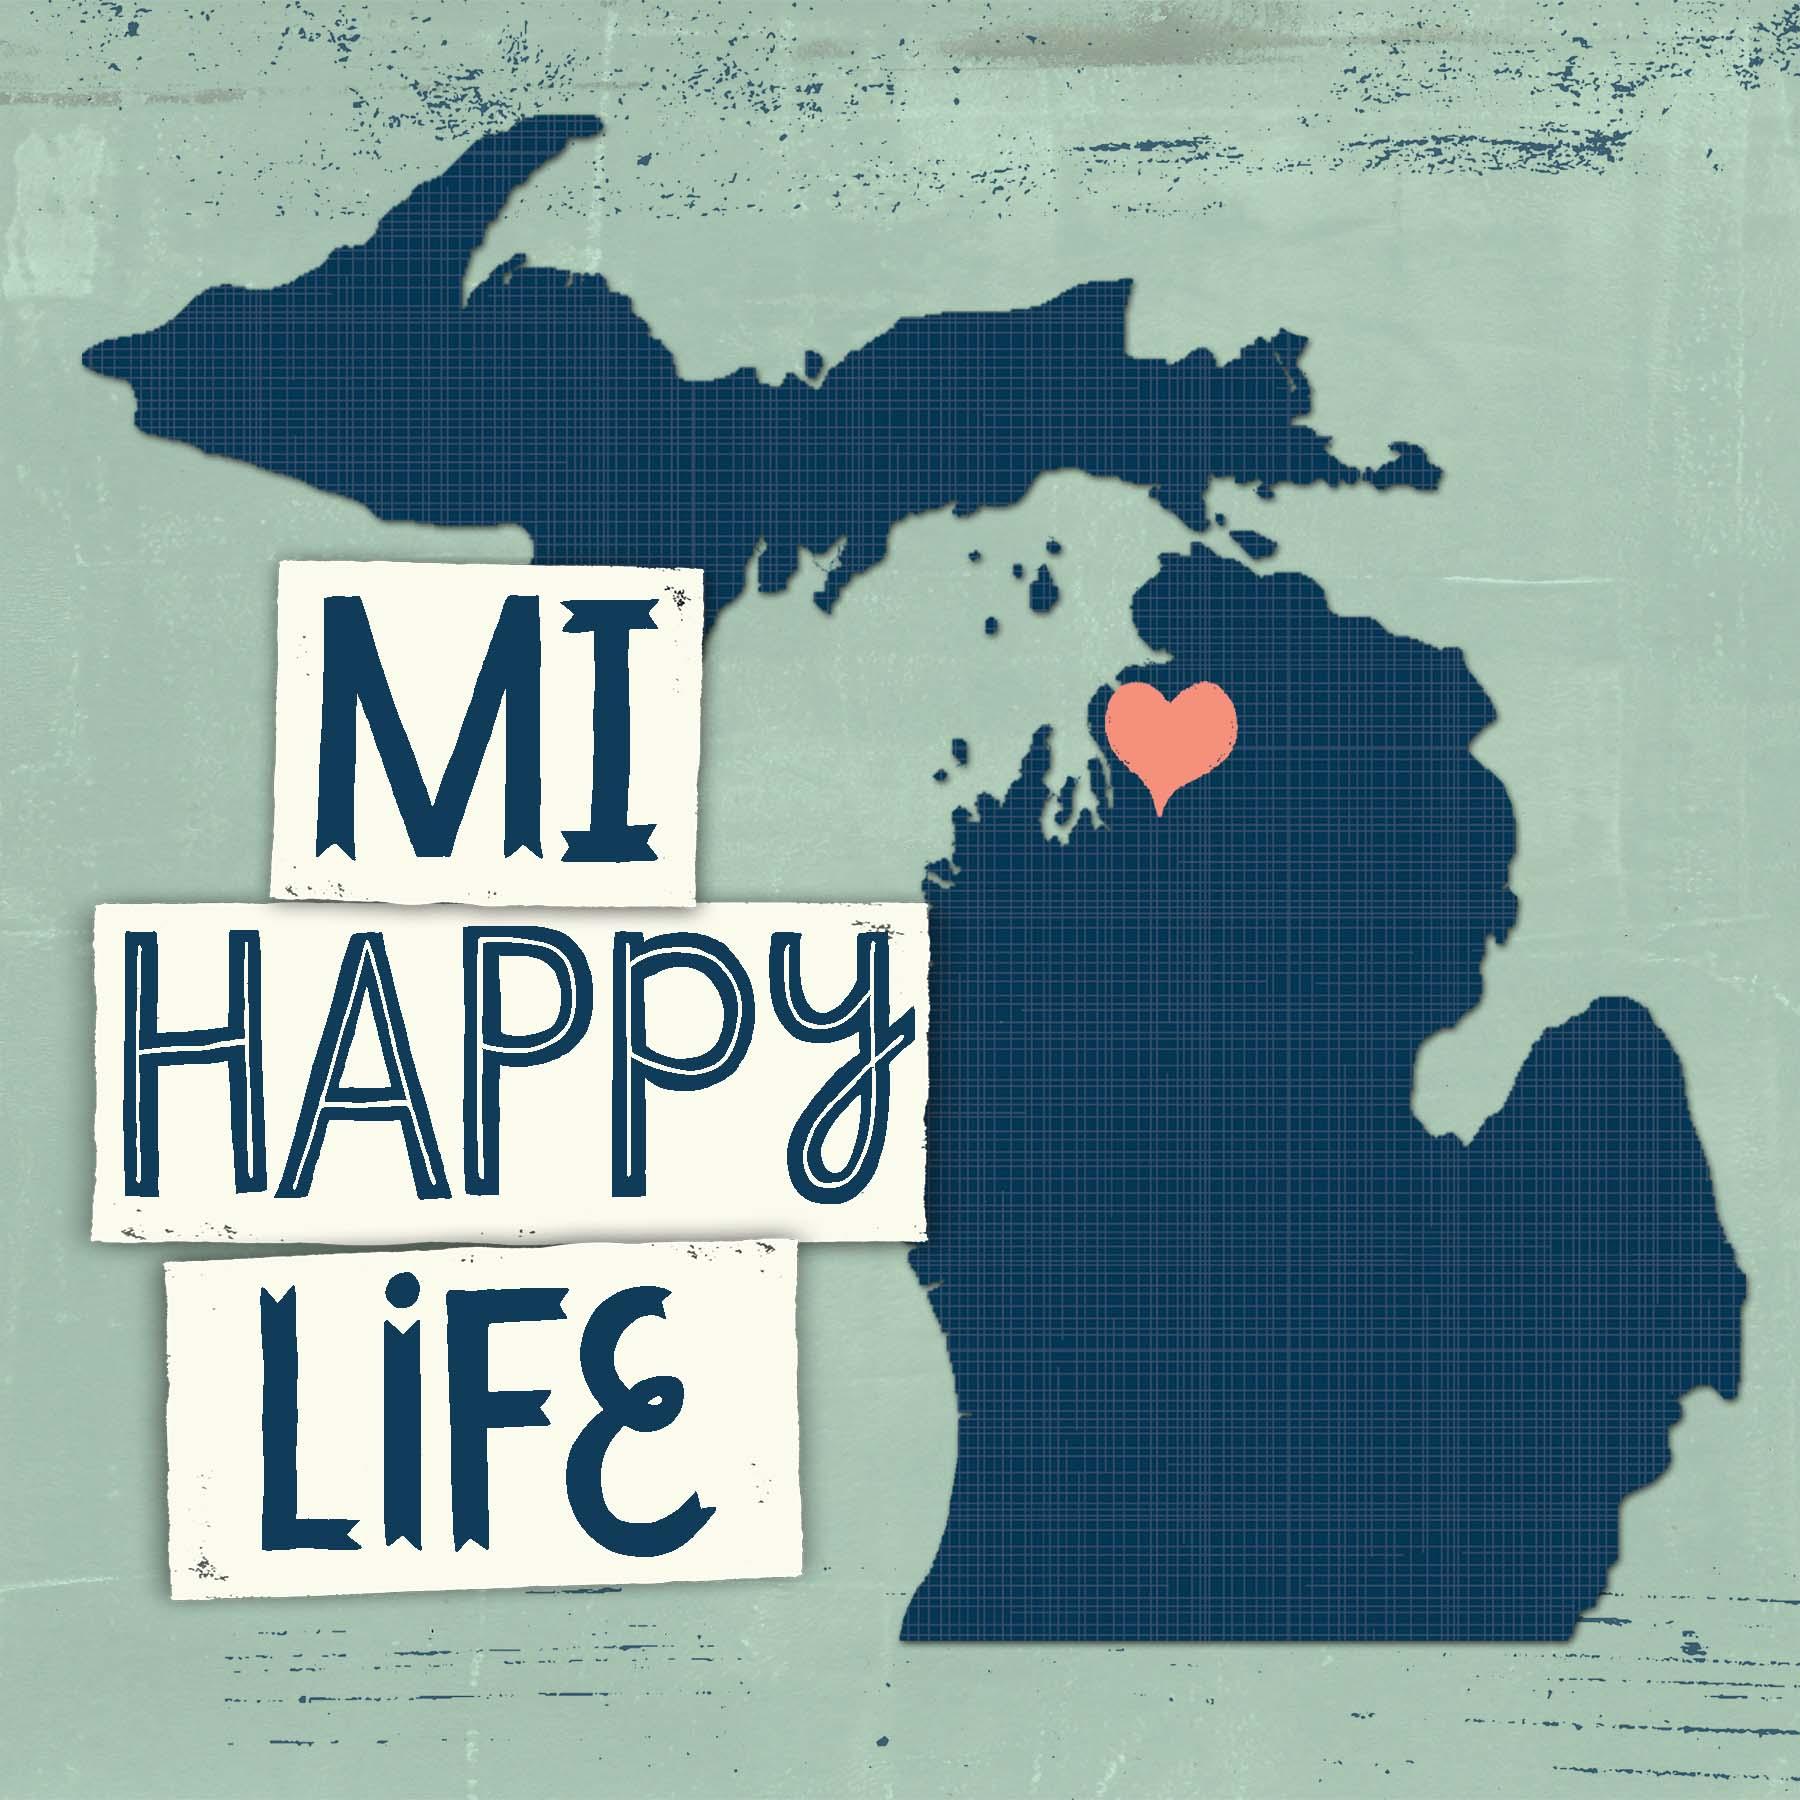 MI Happy Life